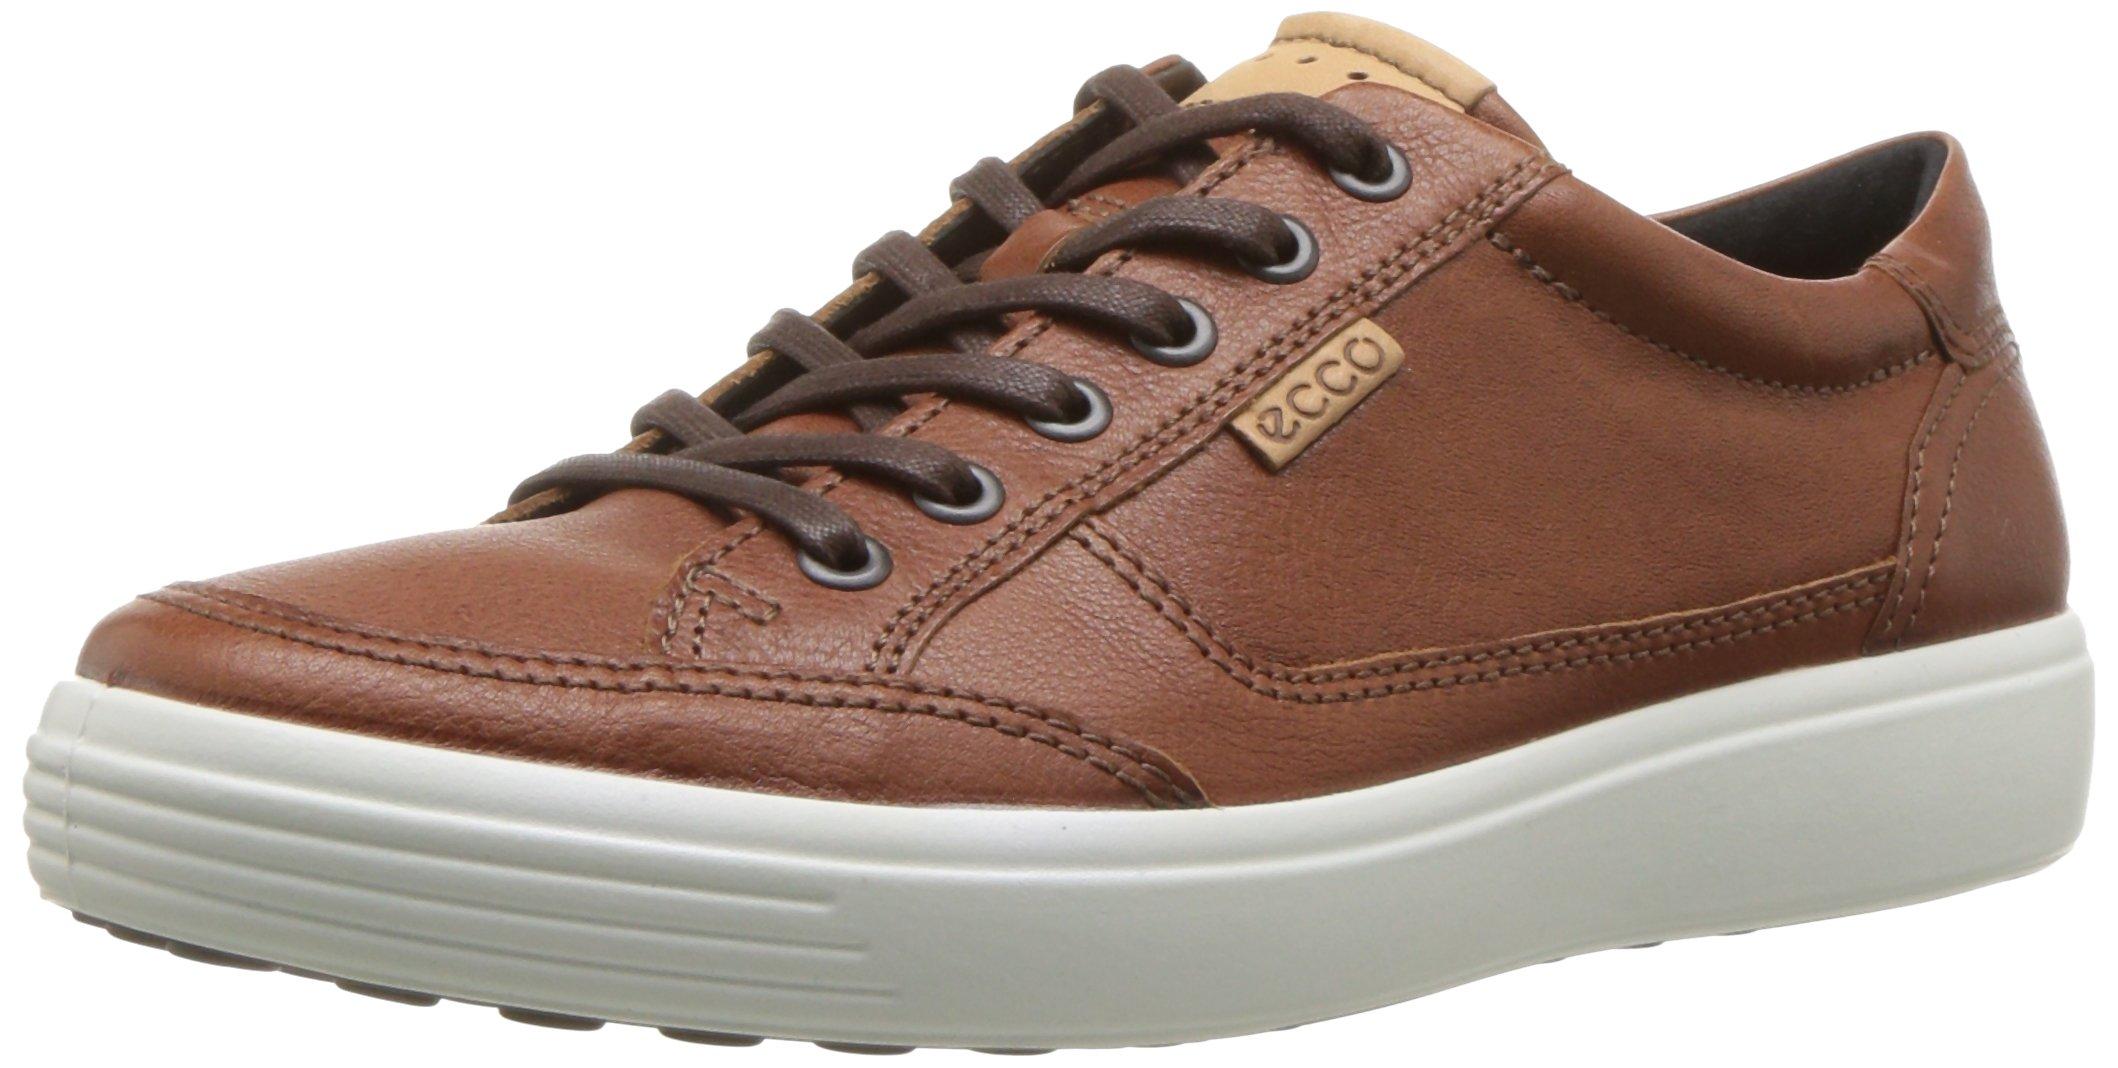 ECCO Mens Sneaker Cognac 12 12 5